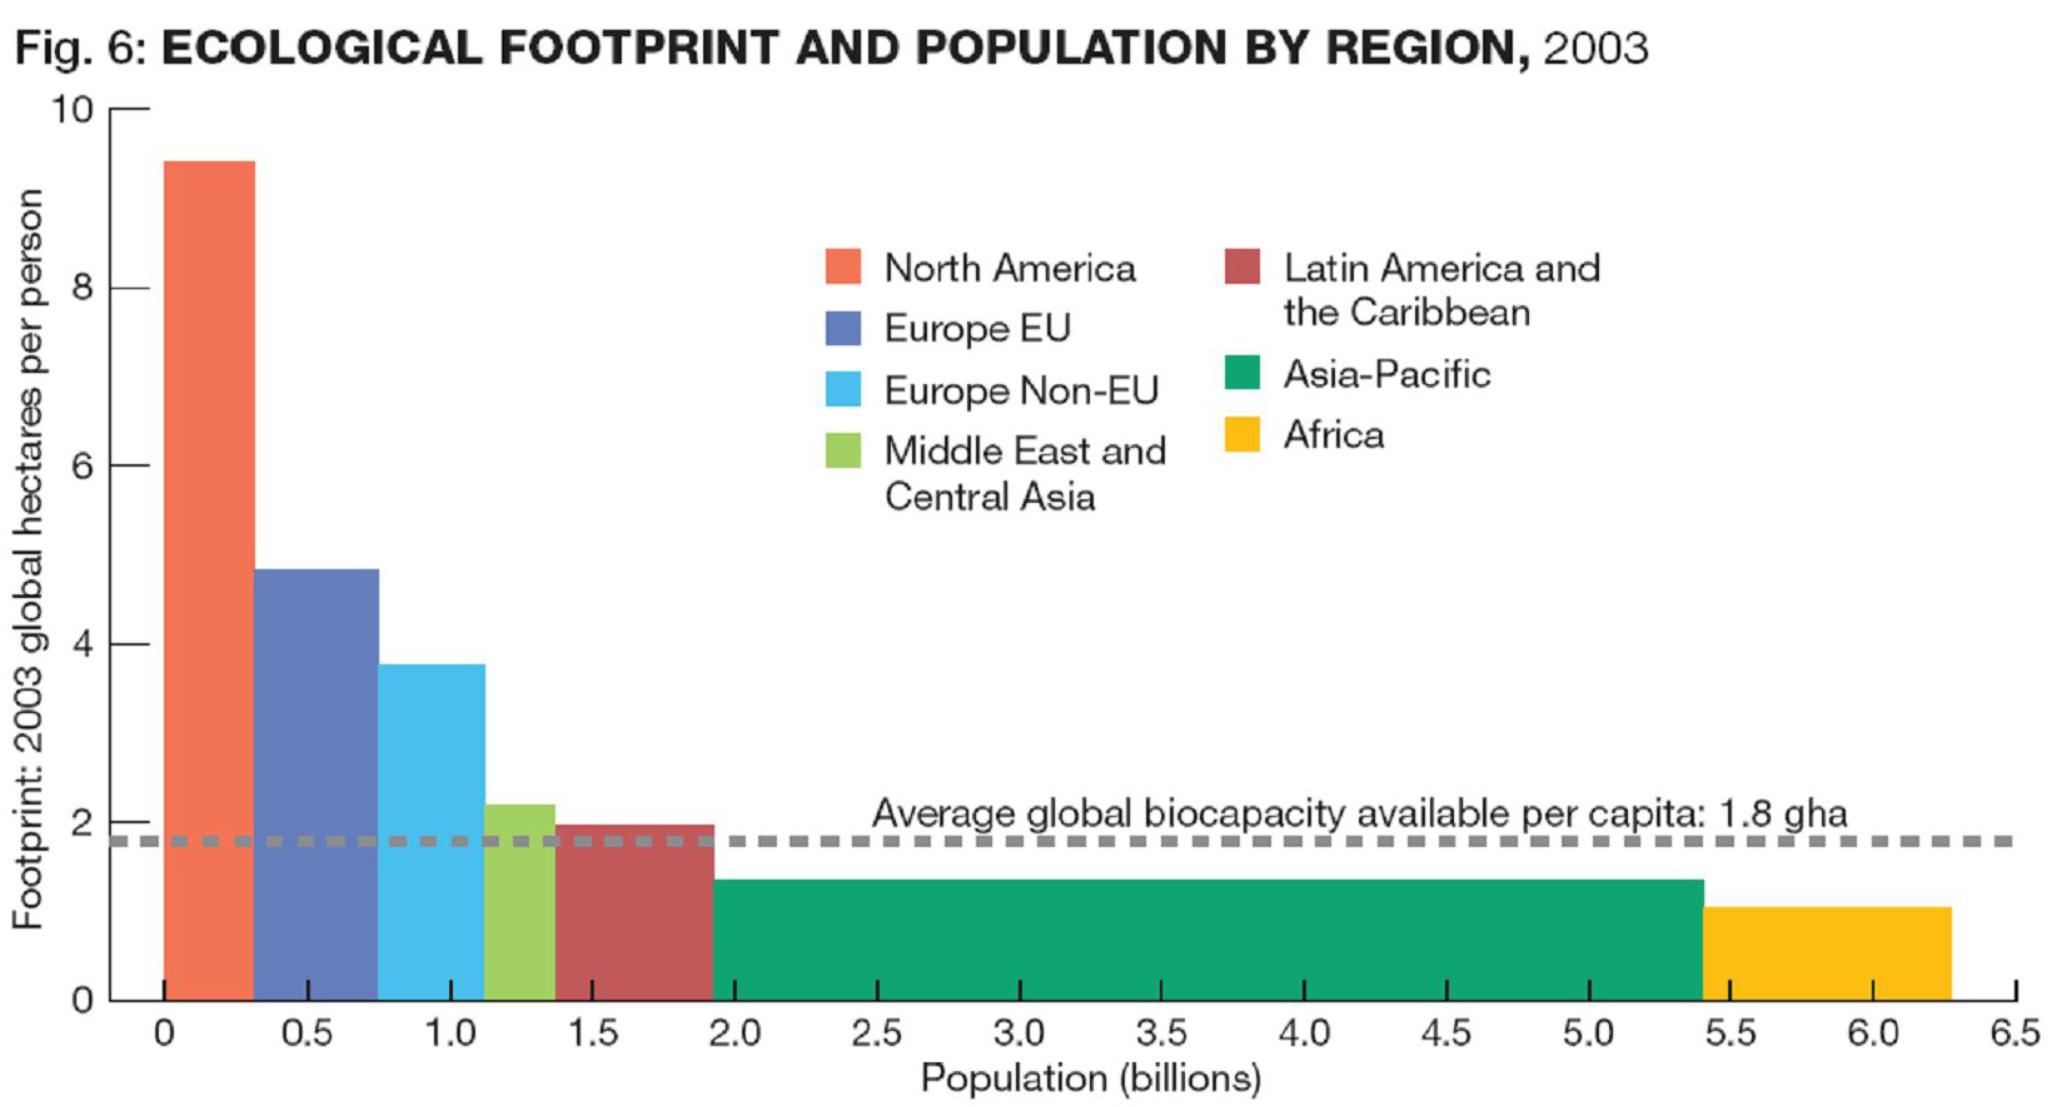 L'impronta ecologica nei continenti